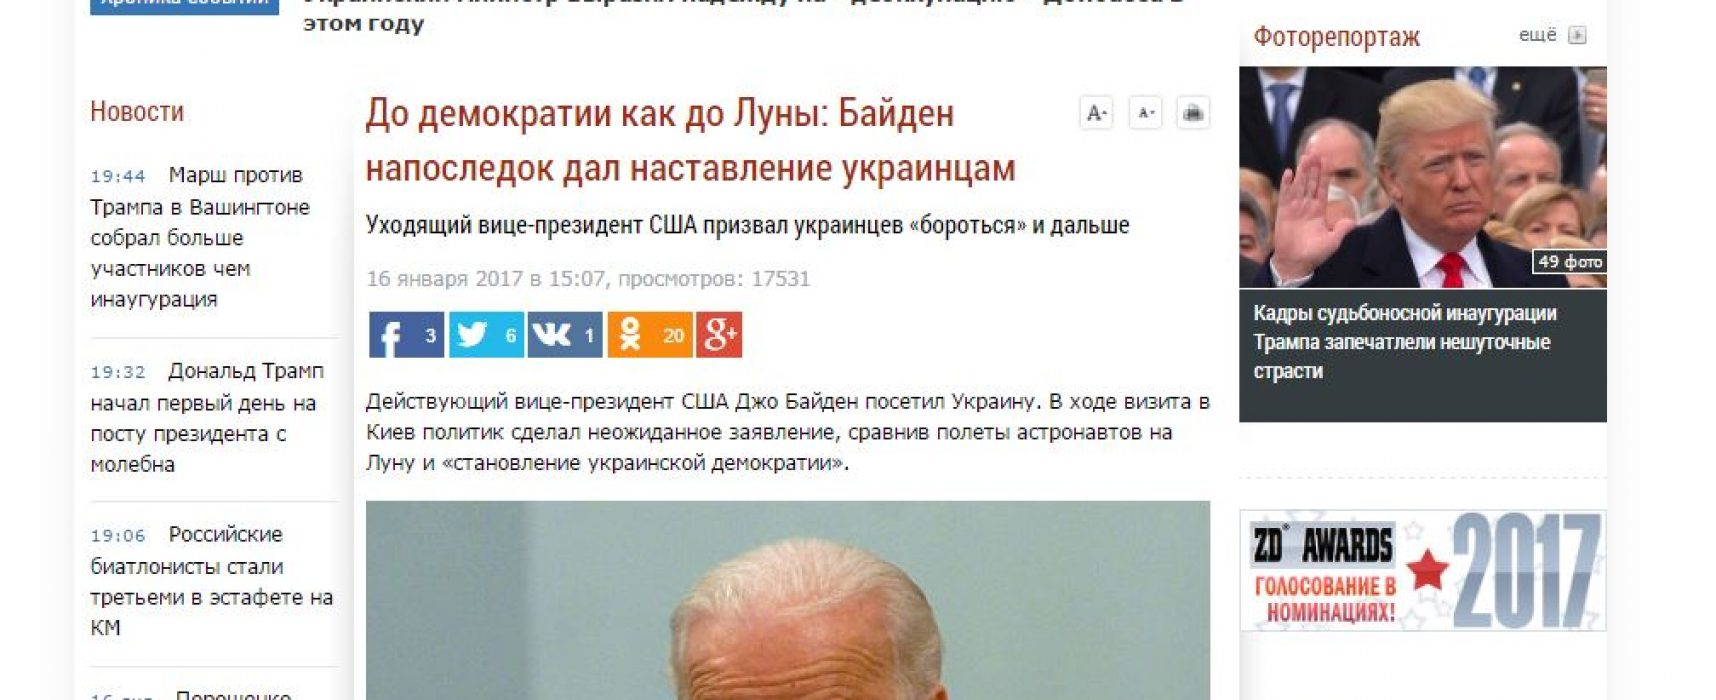 РЕН-ТВ исказило заявление Байдена о демократии в Украине